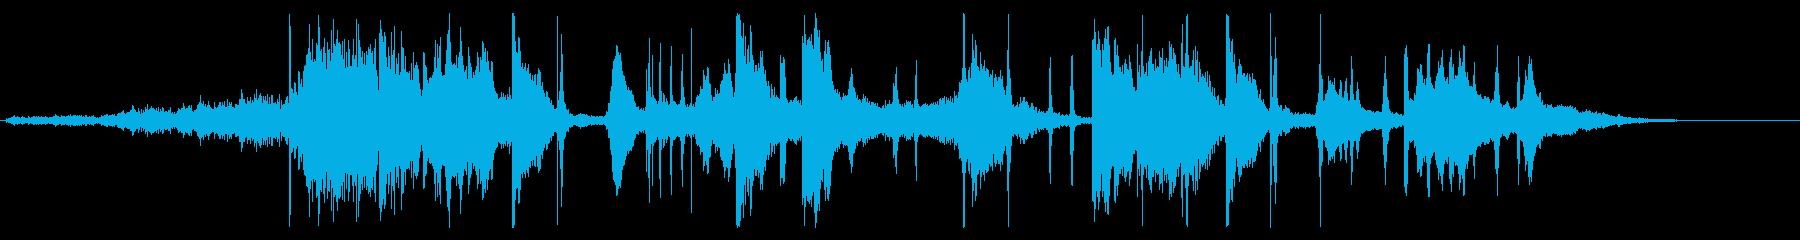 温かみのあるスタイリッシュなデジタルロゴの再生済みの波形